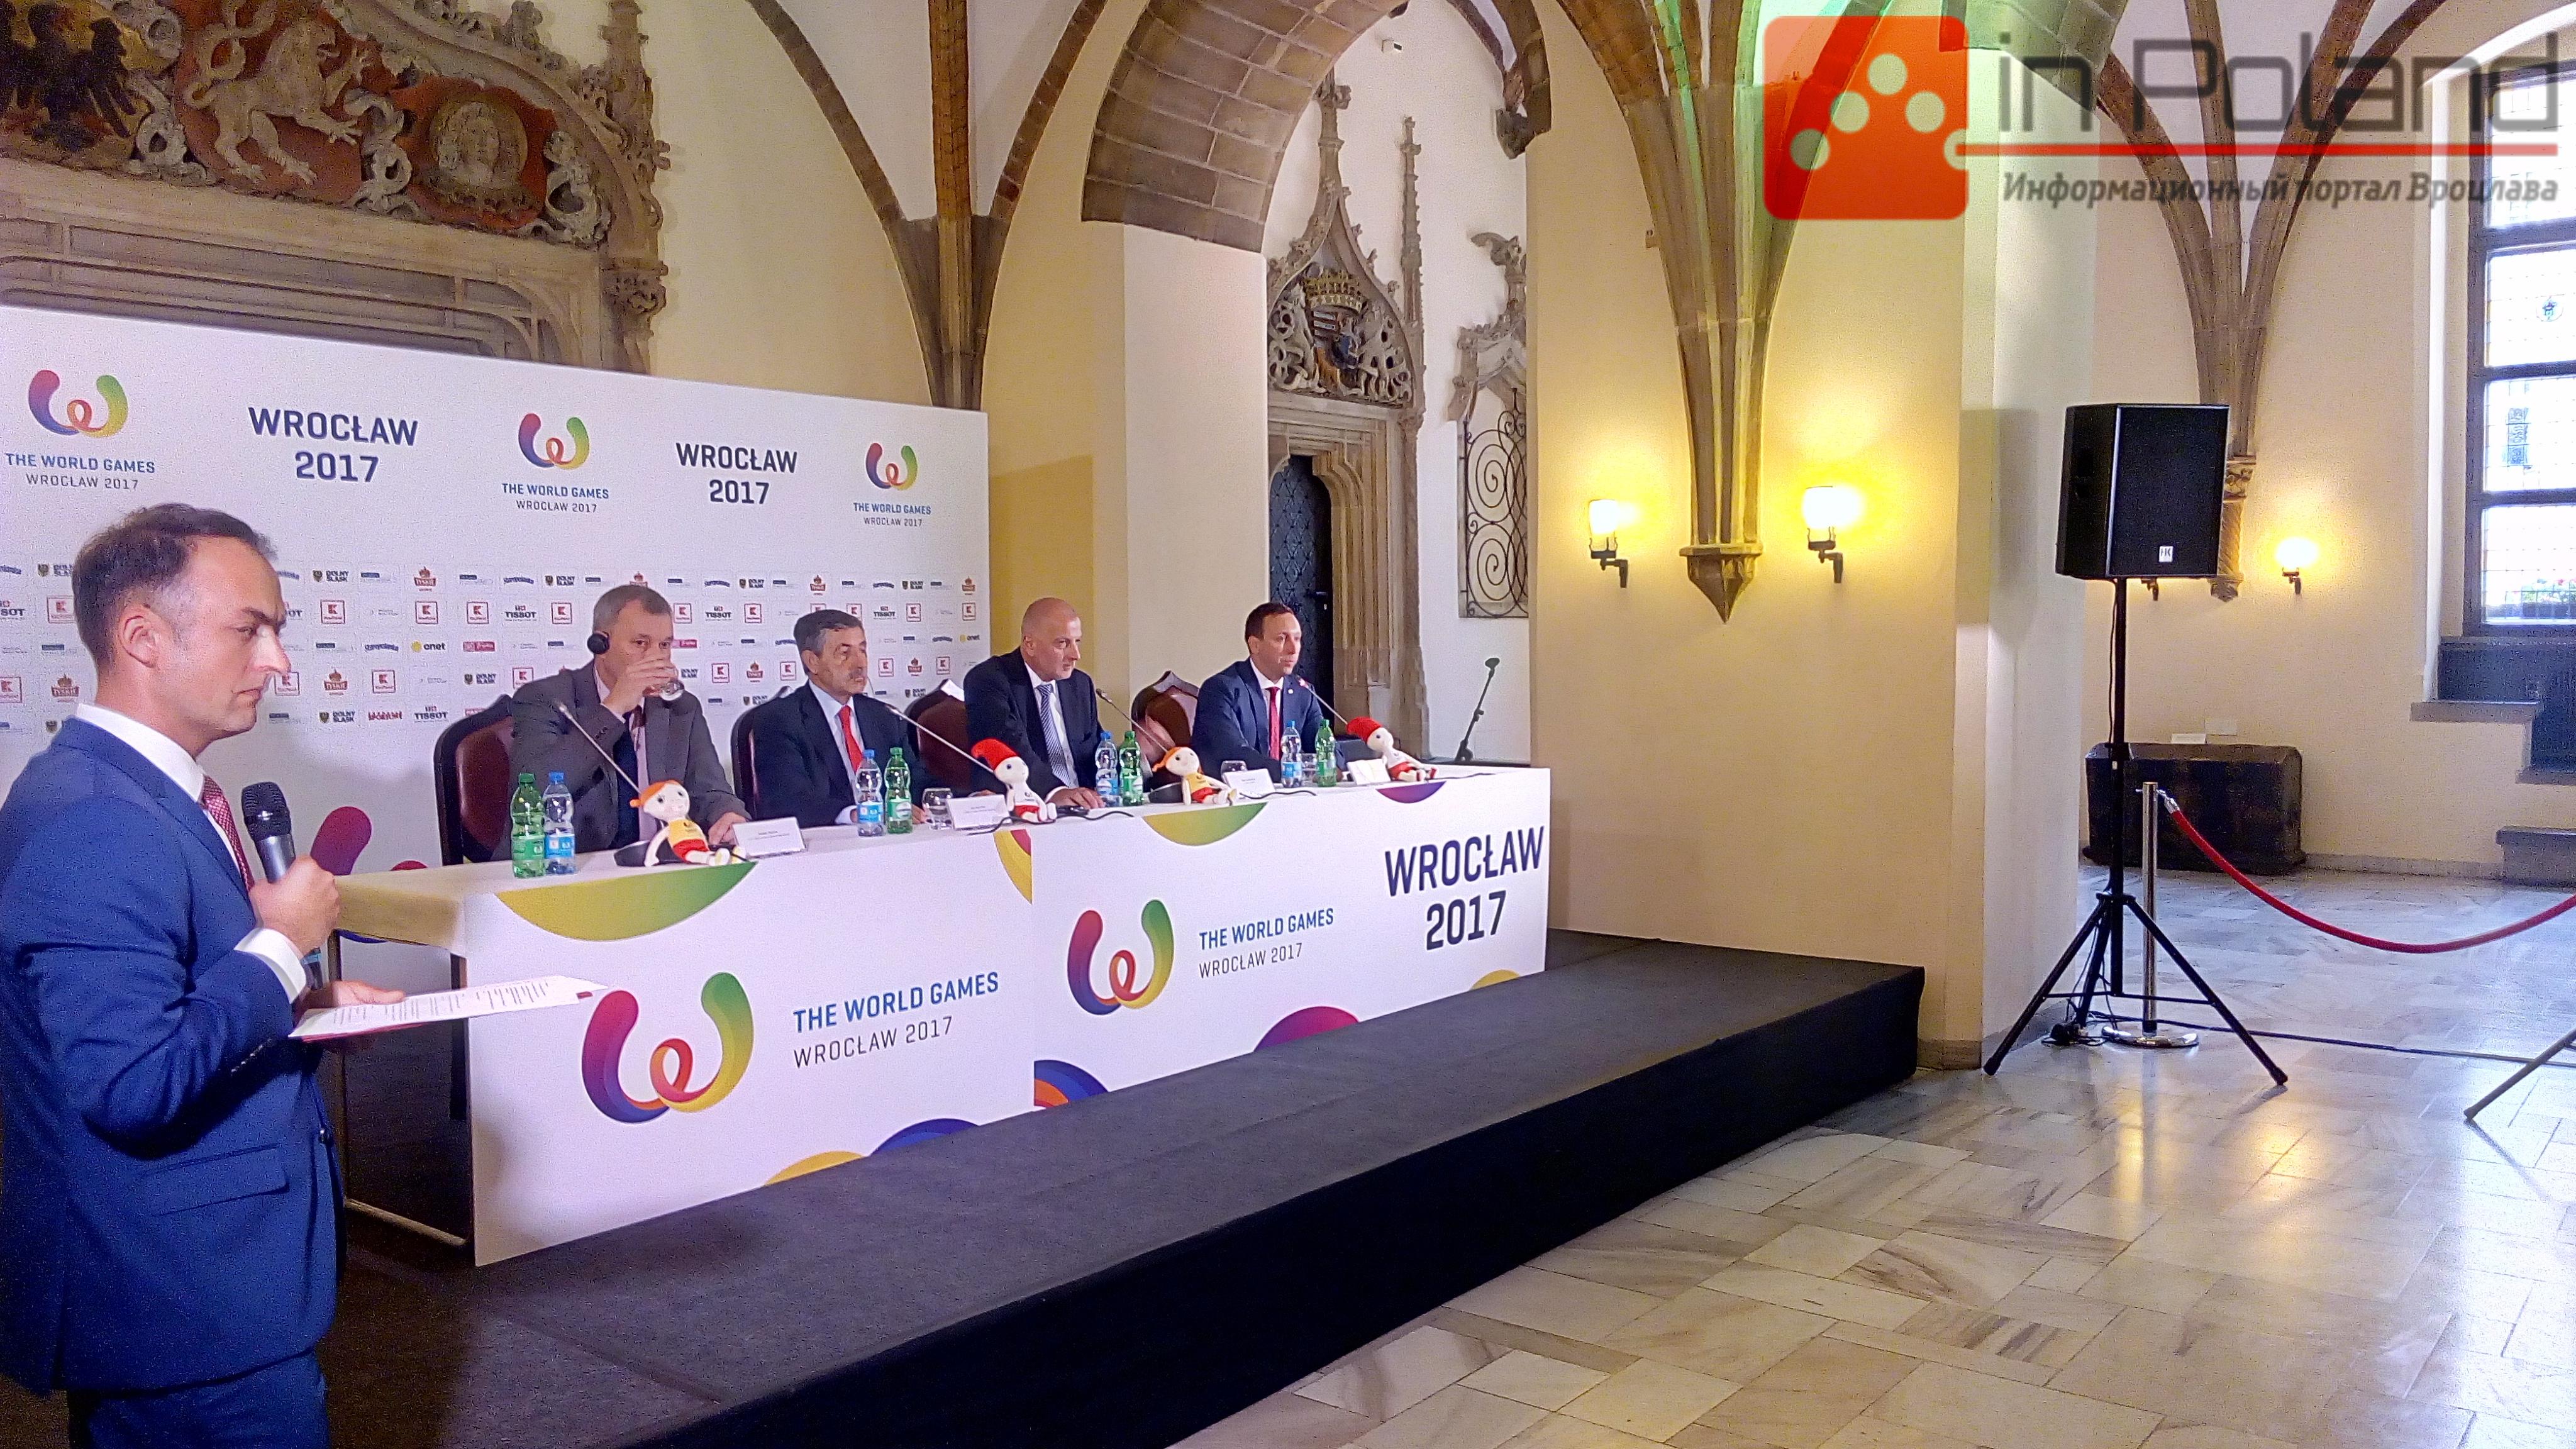 Сегодня во Вроцлаве стартуют Всемирные игры 2017